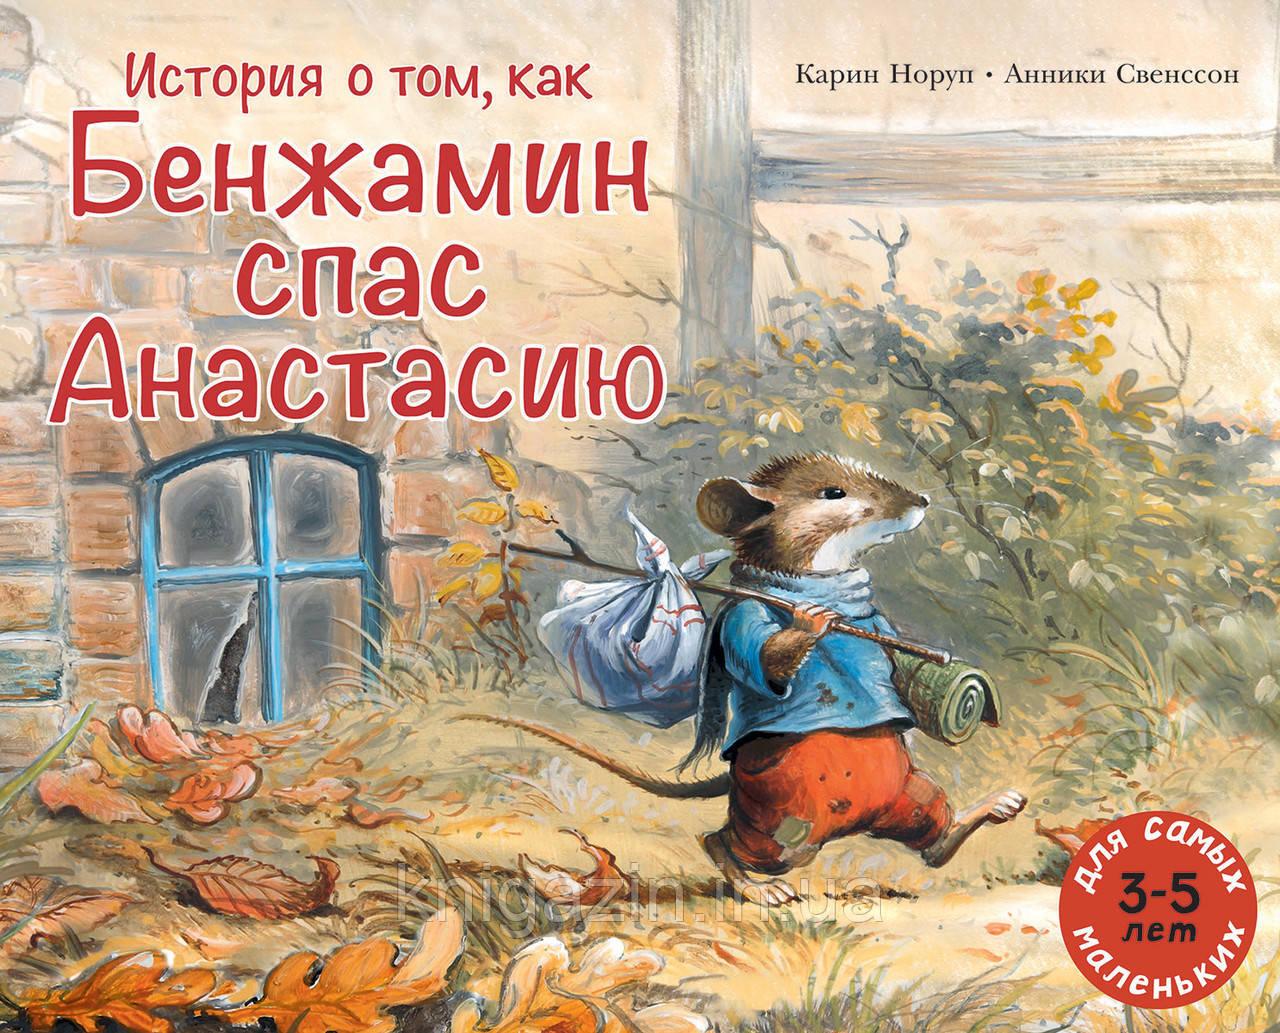 Детская книга История о том, как Бенжамин спас Анастасию Для детей от 3 лет